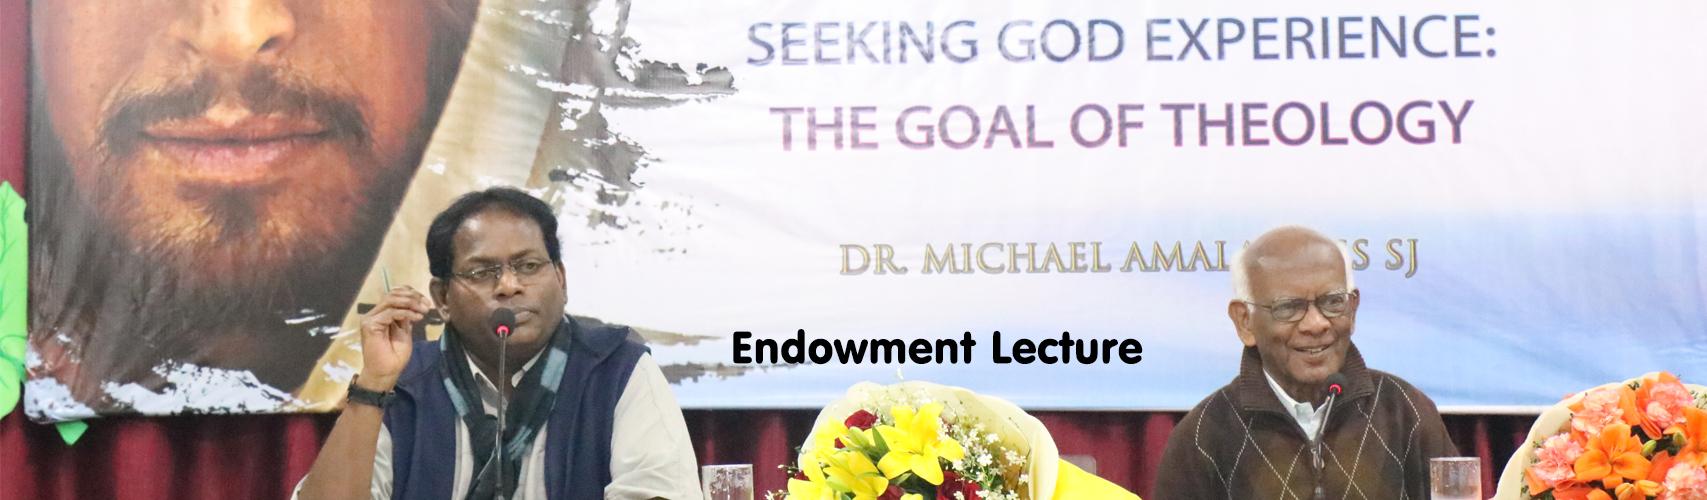 Endowment Lecture